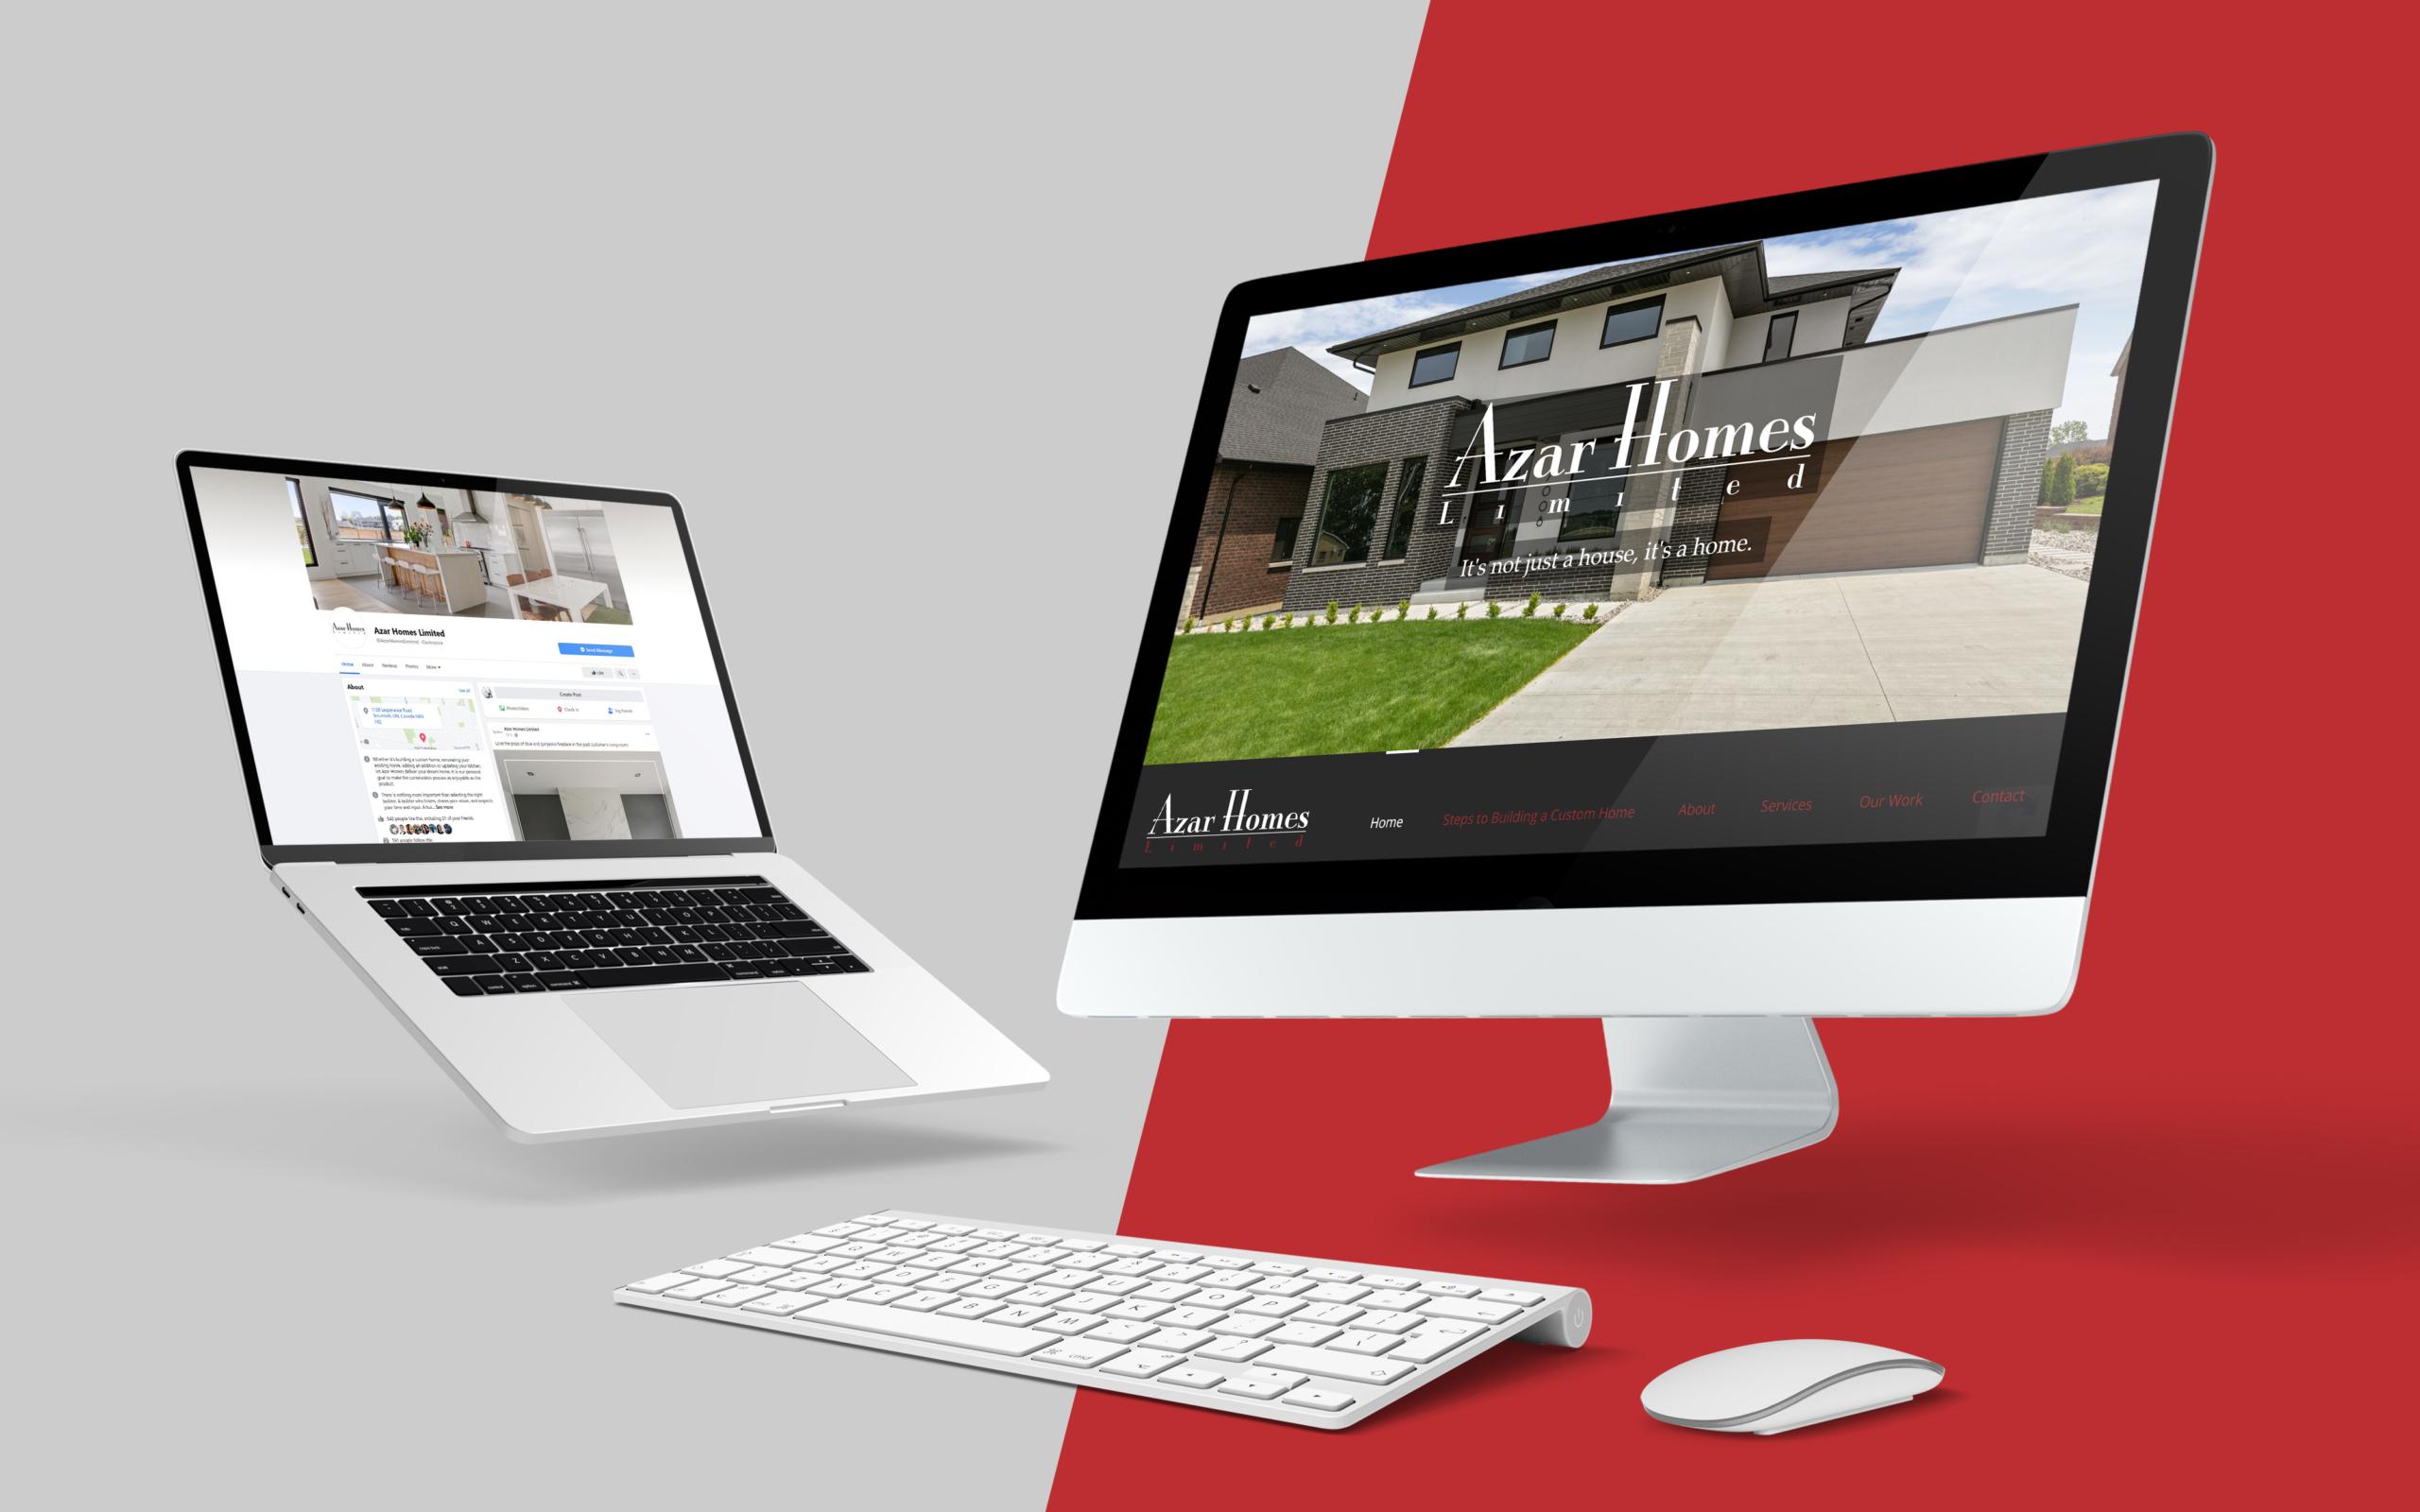 Azar Custom Homes Social Media and Website